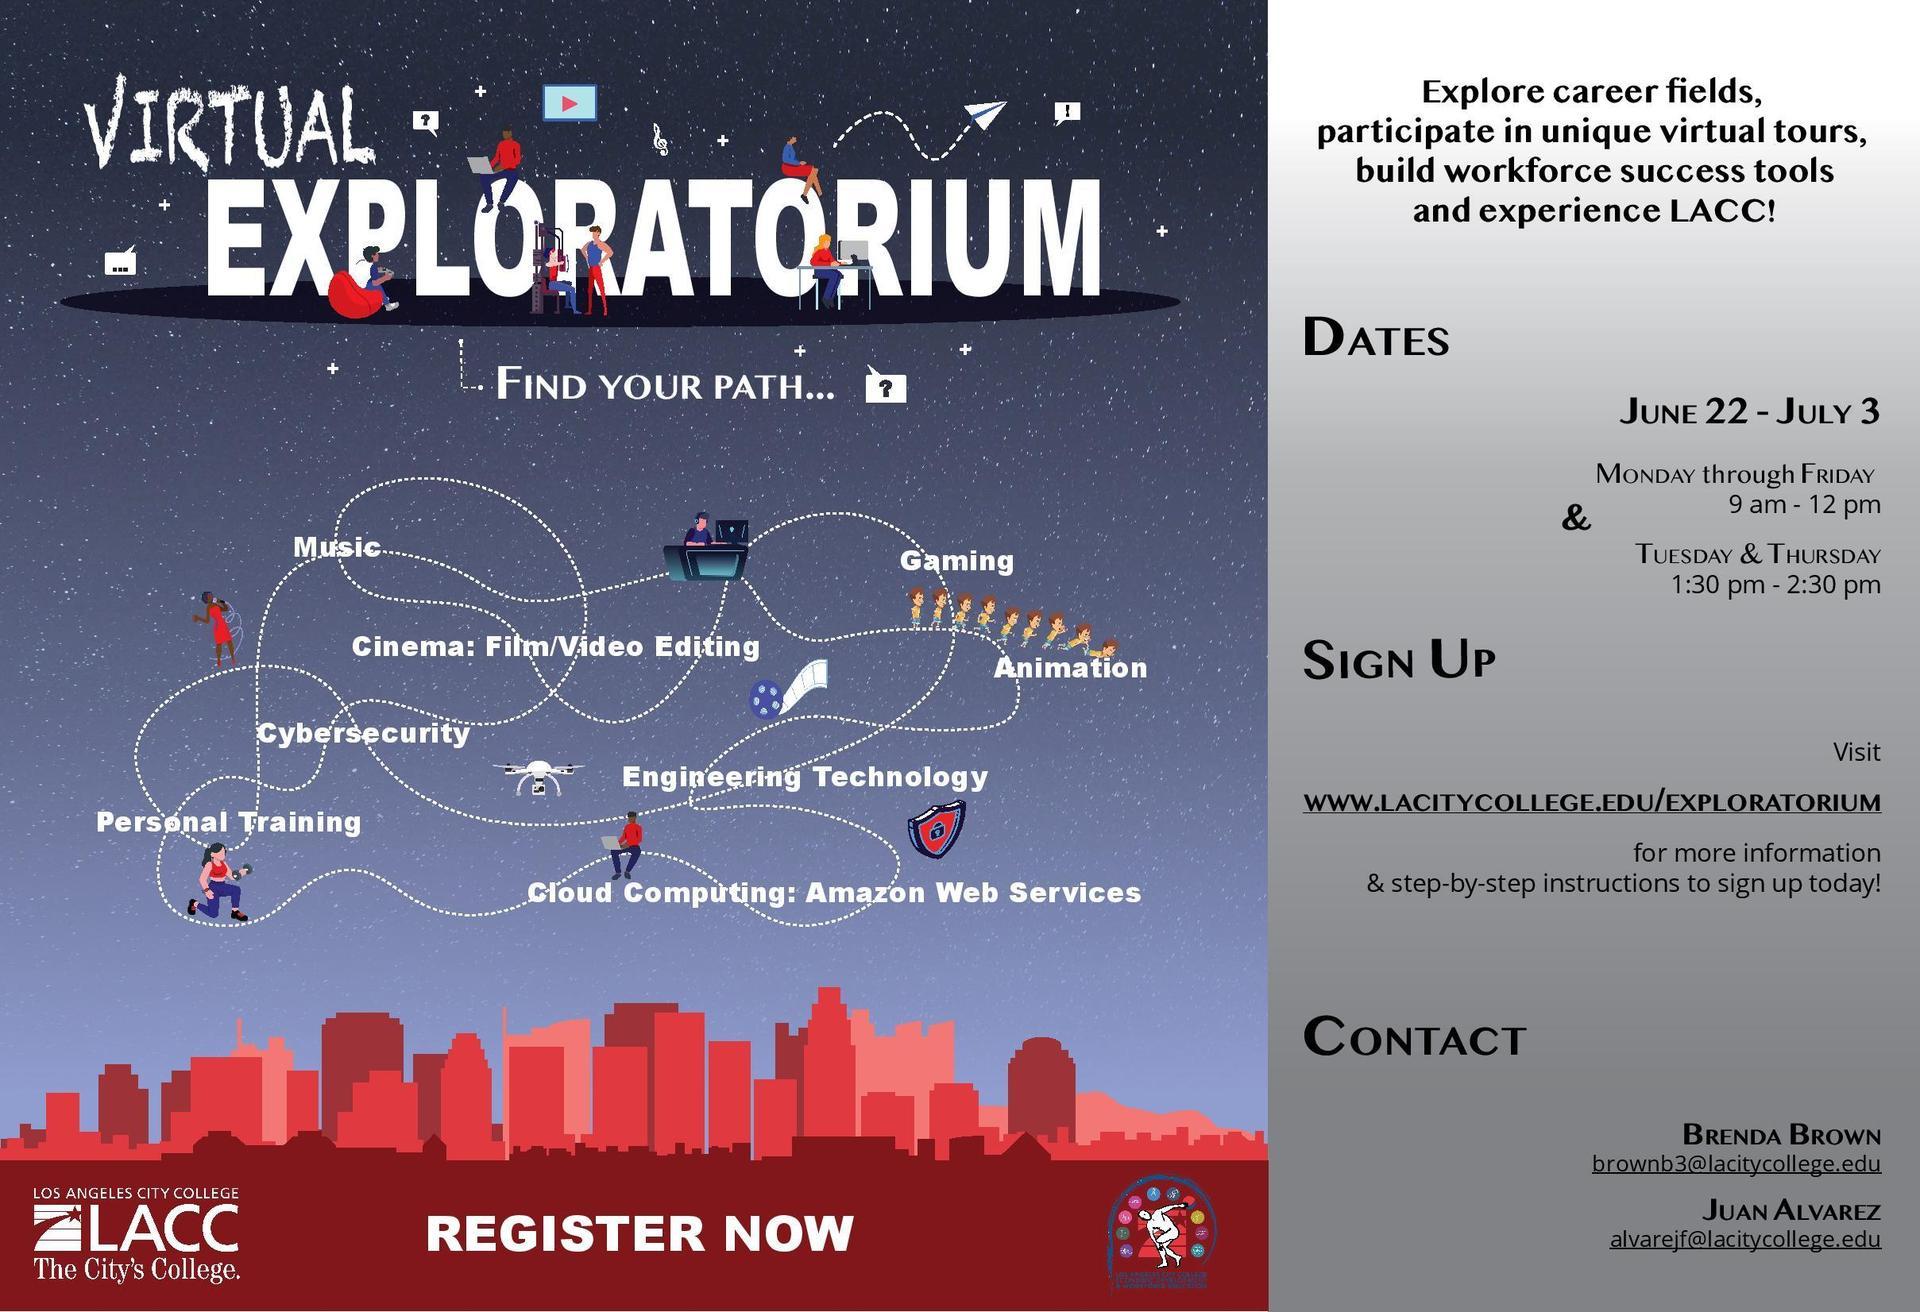 Virtual Exploratorium 2020